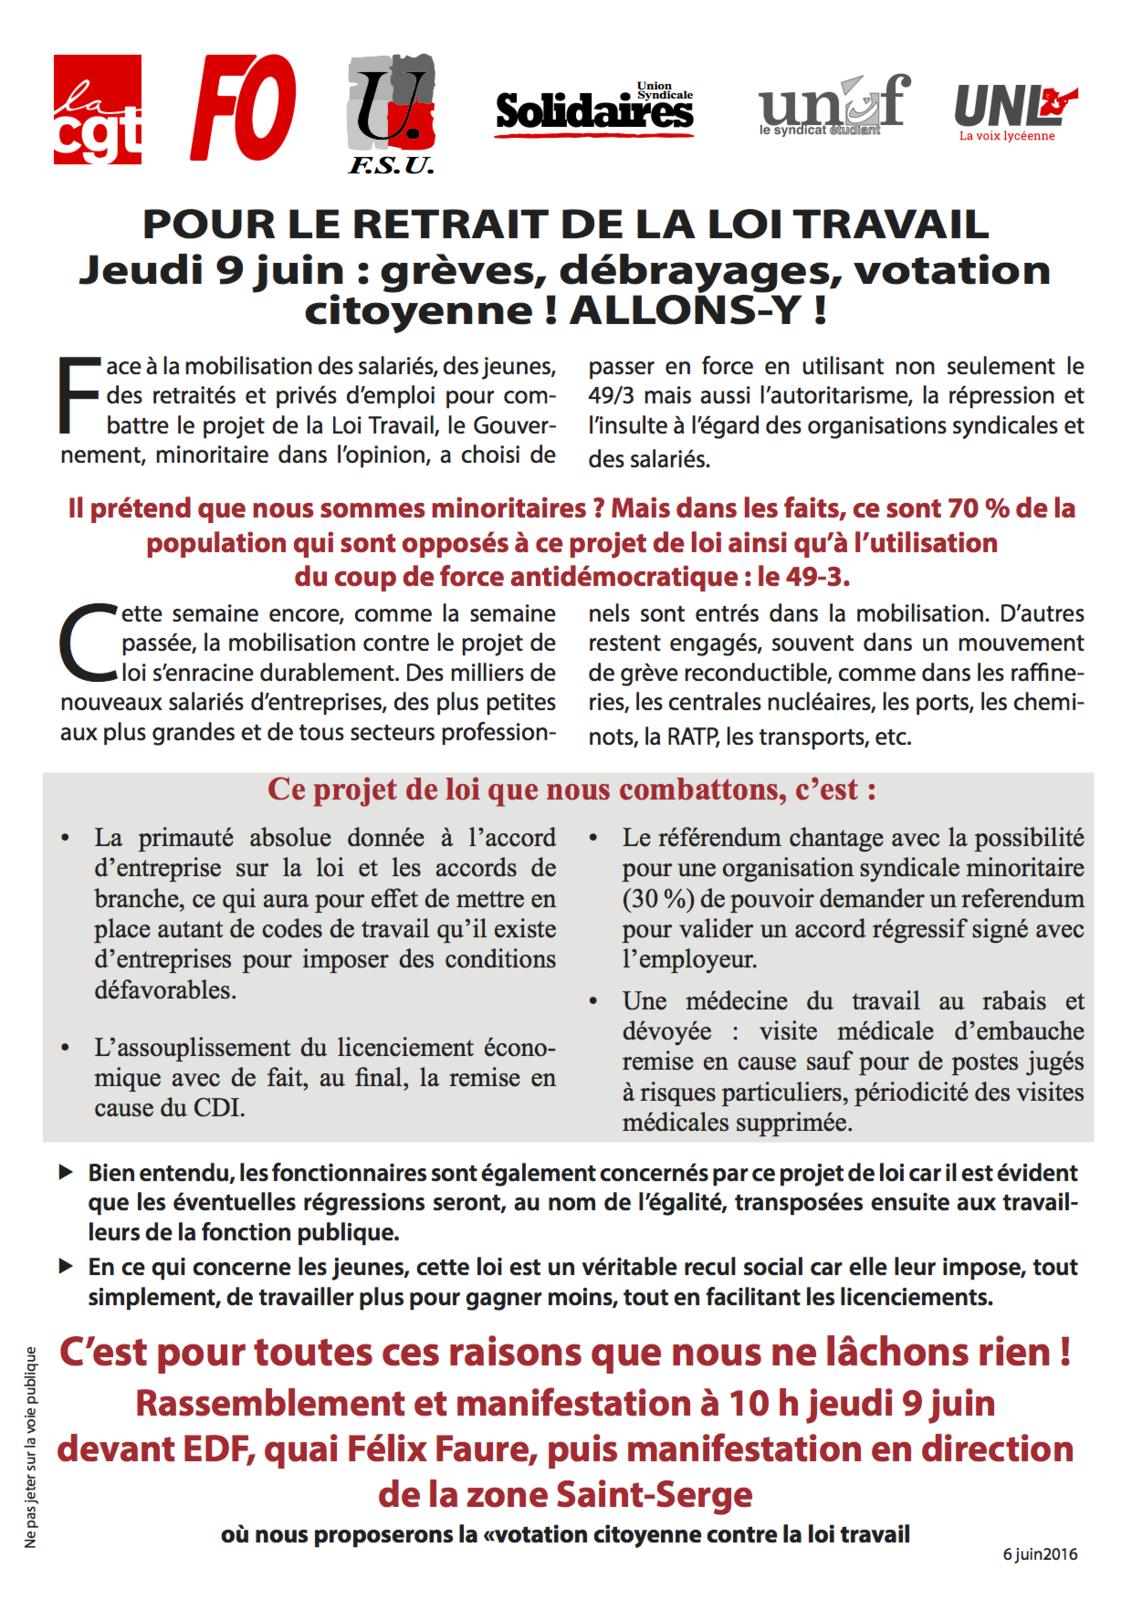 9 juin nouvelle journ e de mobilisation contre la loi dite travail union departementale. Black Bedroom Furniture Sets. Home Design Ideas